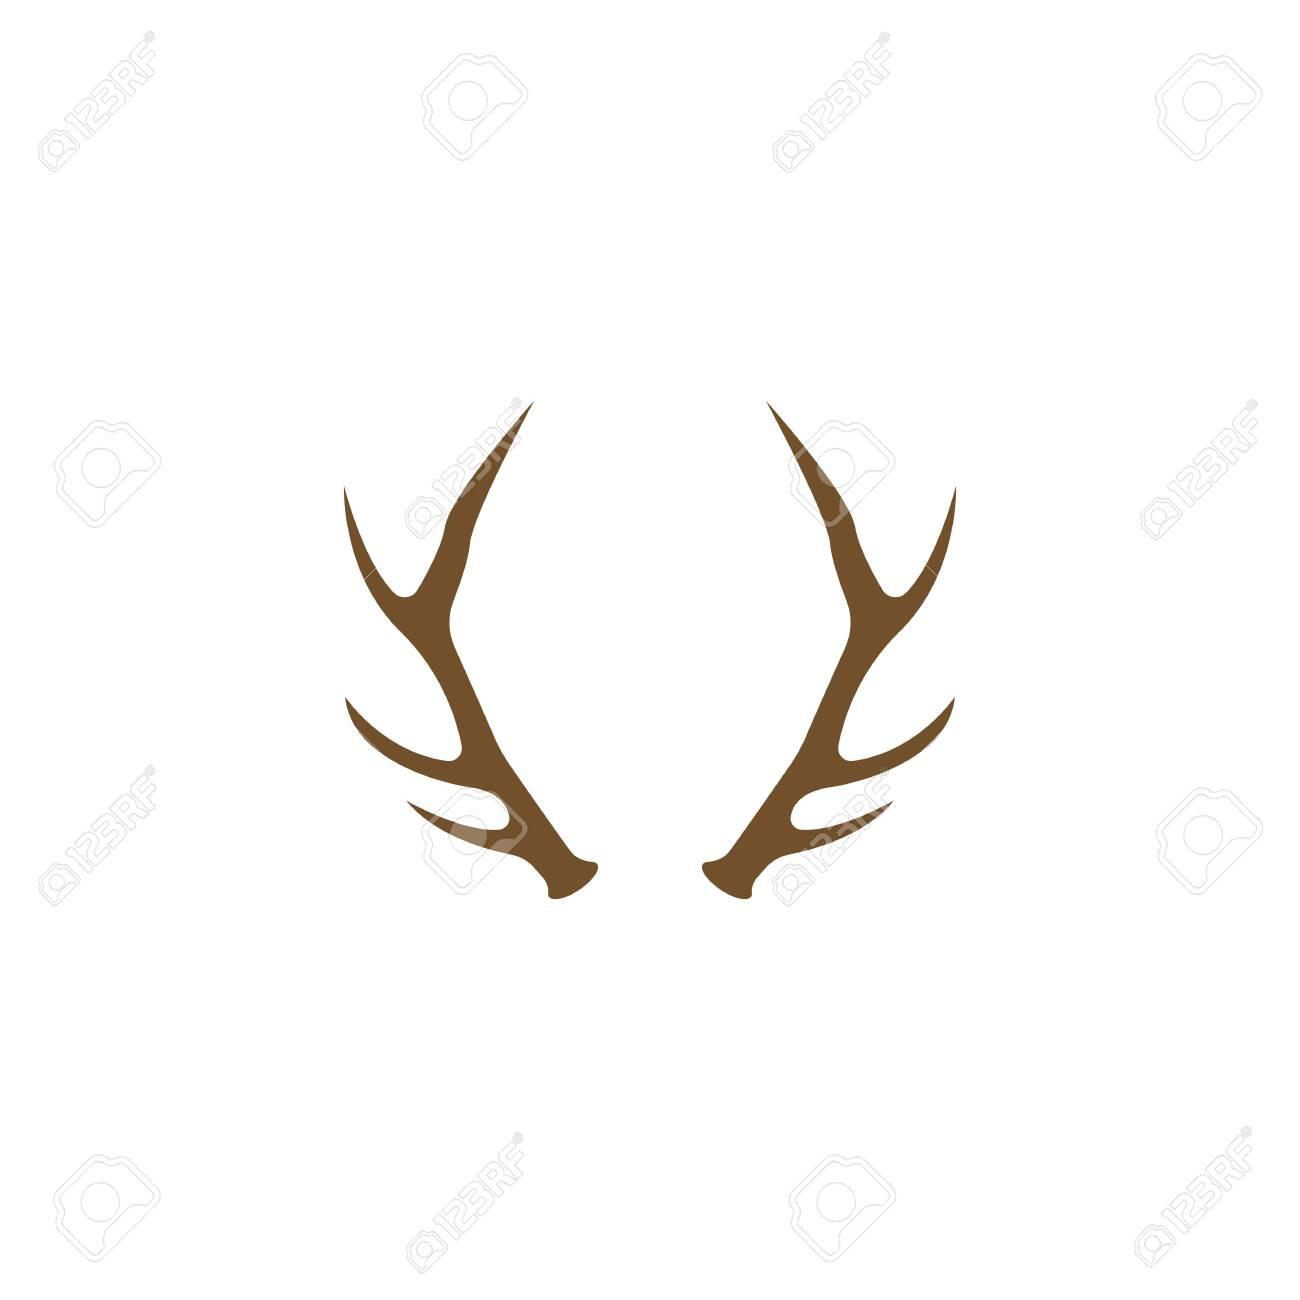 Deer Antlers Logo Template Illustration Design. - 148323945